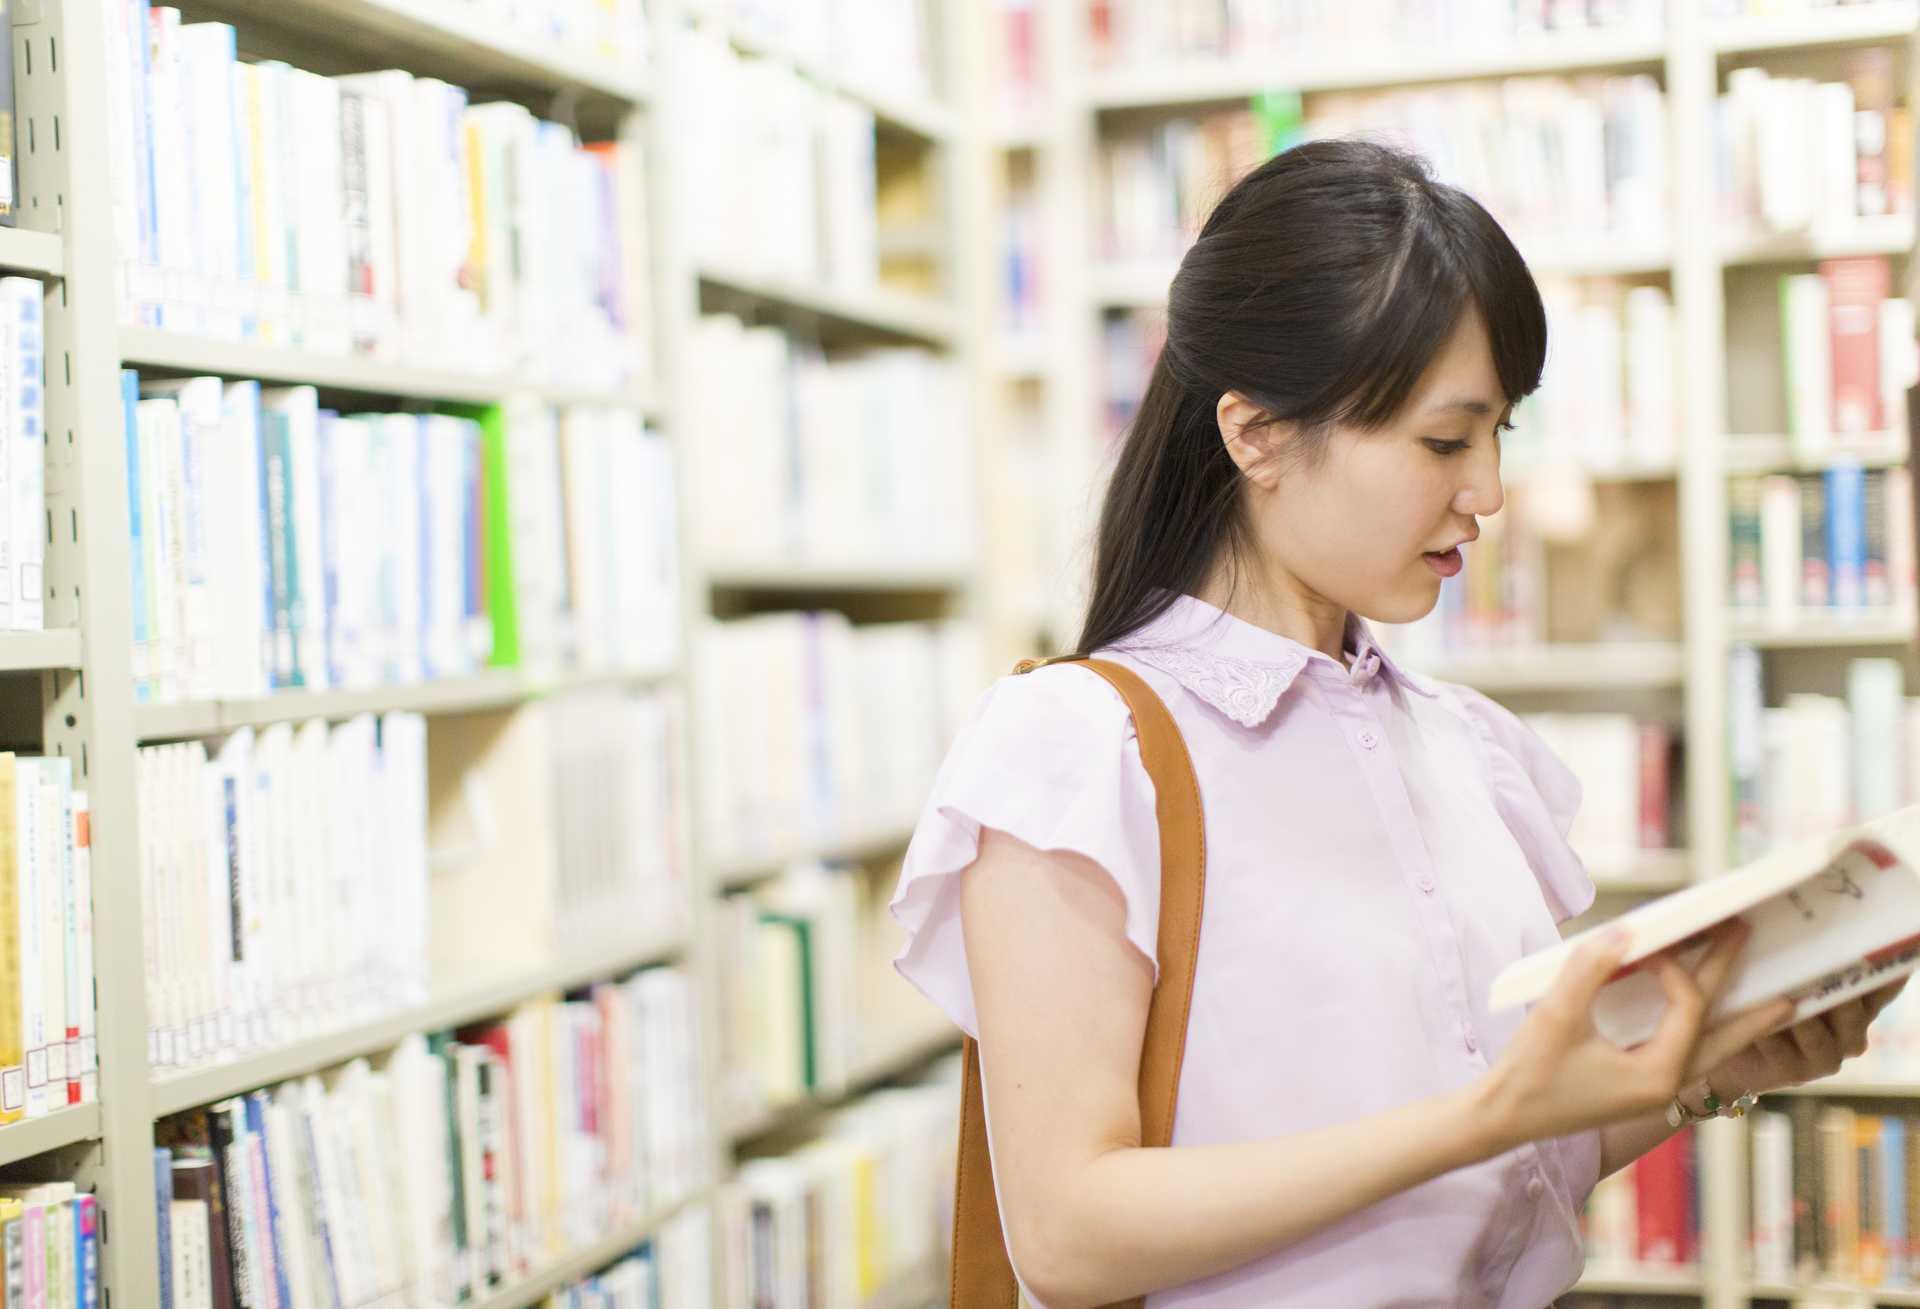 本屋は、今、自分が何に興味があるのかが分かる場所。 | 魅力的な人になる30の方法